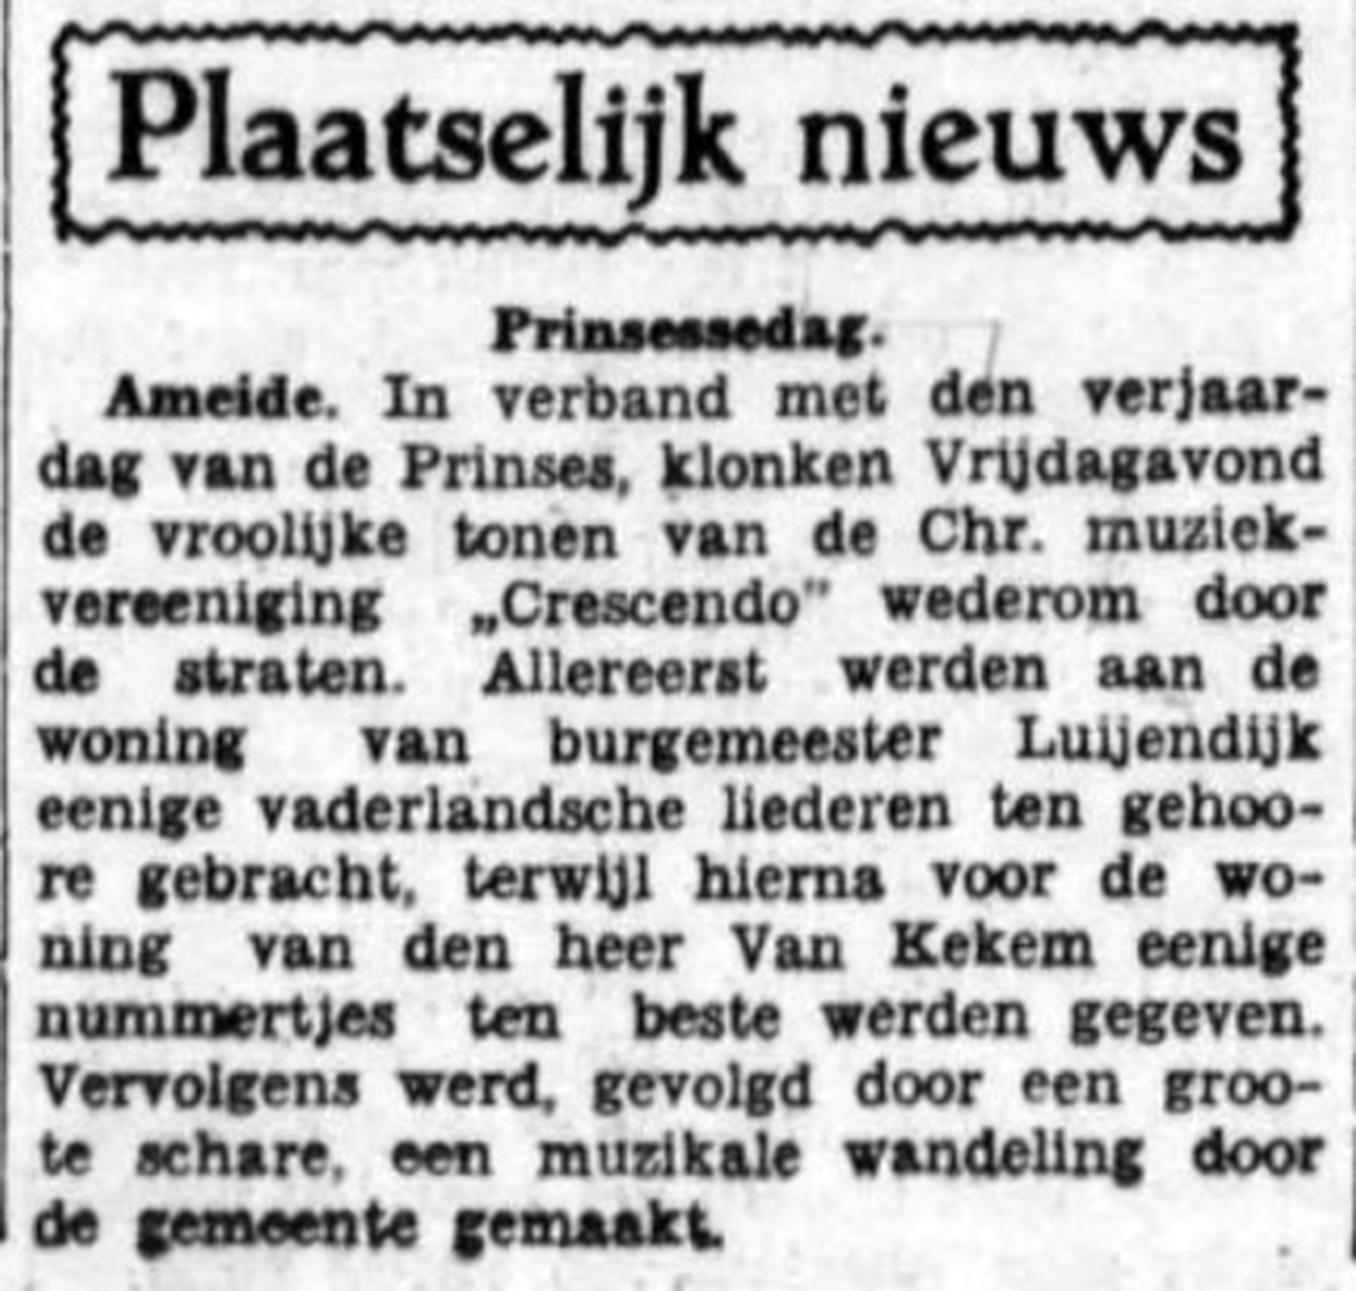 schoonhovensche-courant-06804-1937-05-03-artikel-01